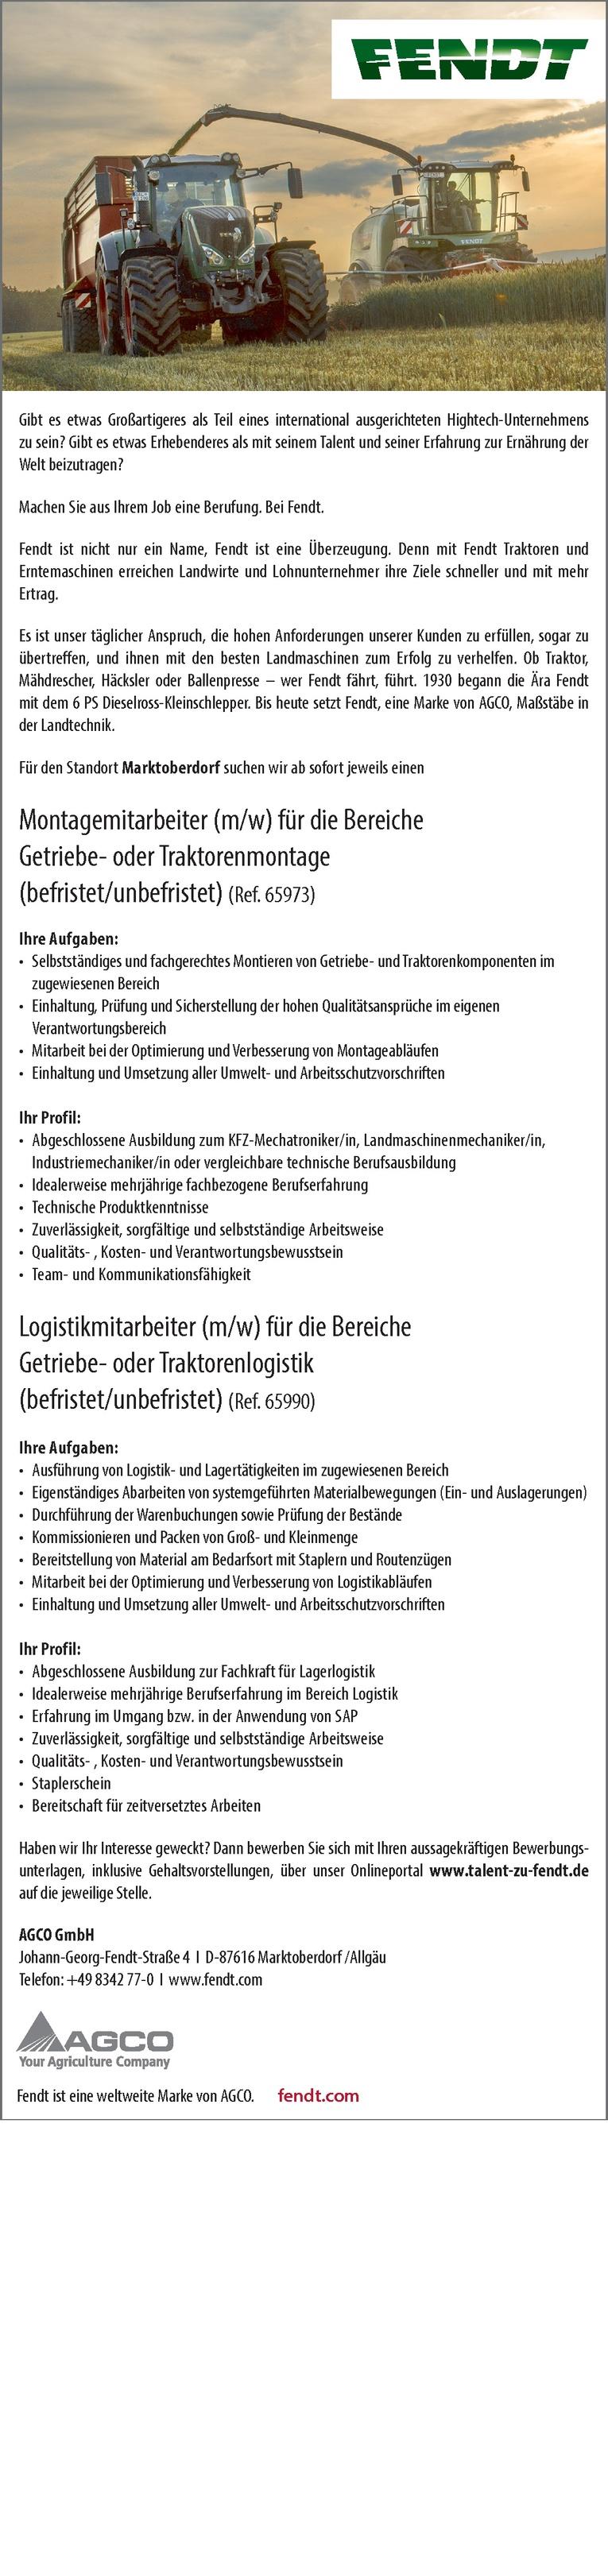 Montagemitarbeiter (m/w) für die Bereiche Getriebe- oder Traktorenmontage (befristet/unbefristet) (Ref. 65973)